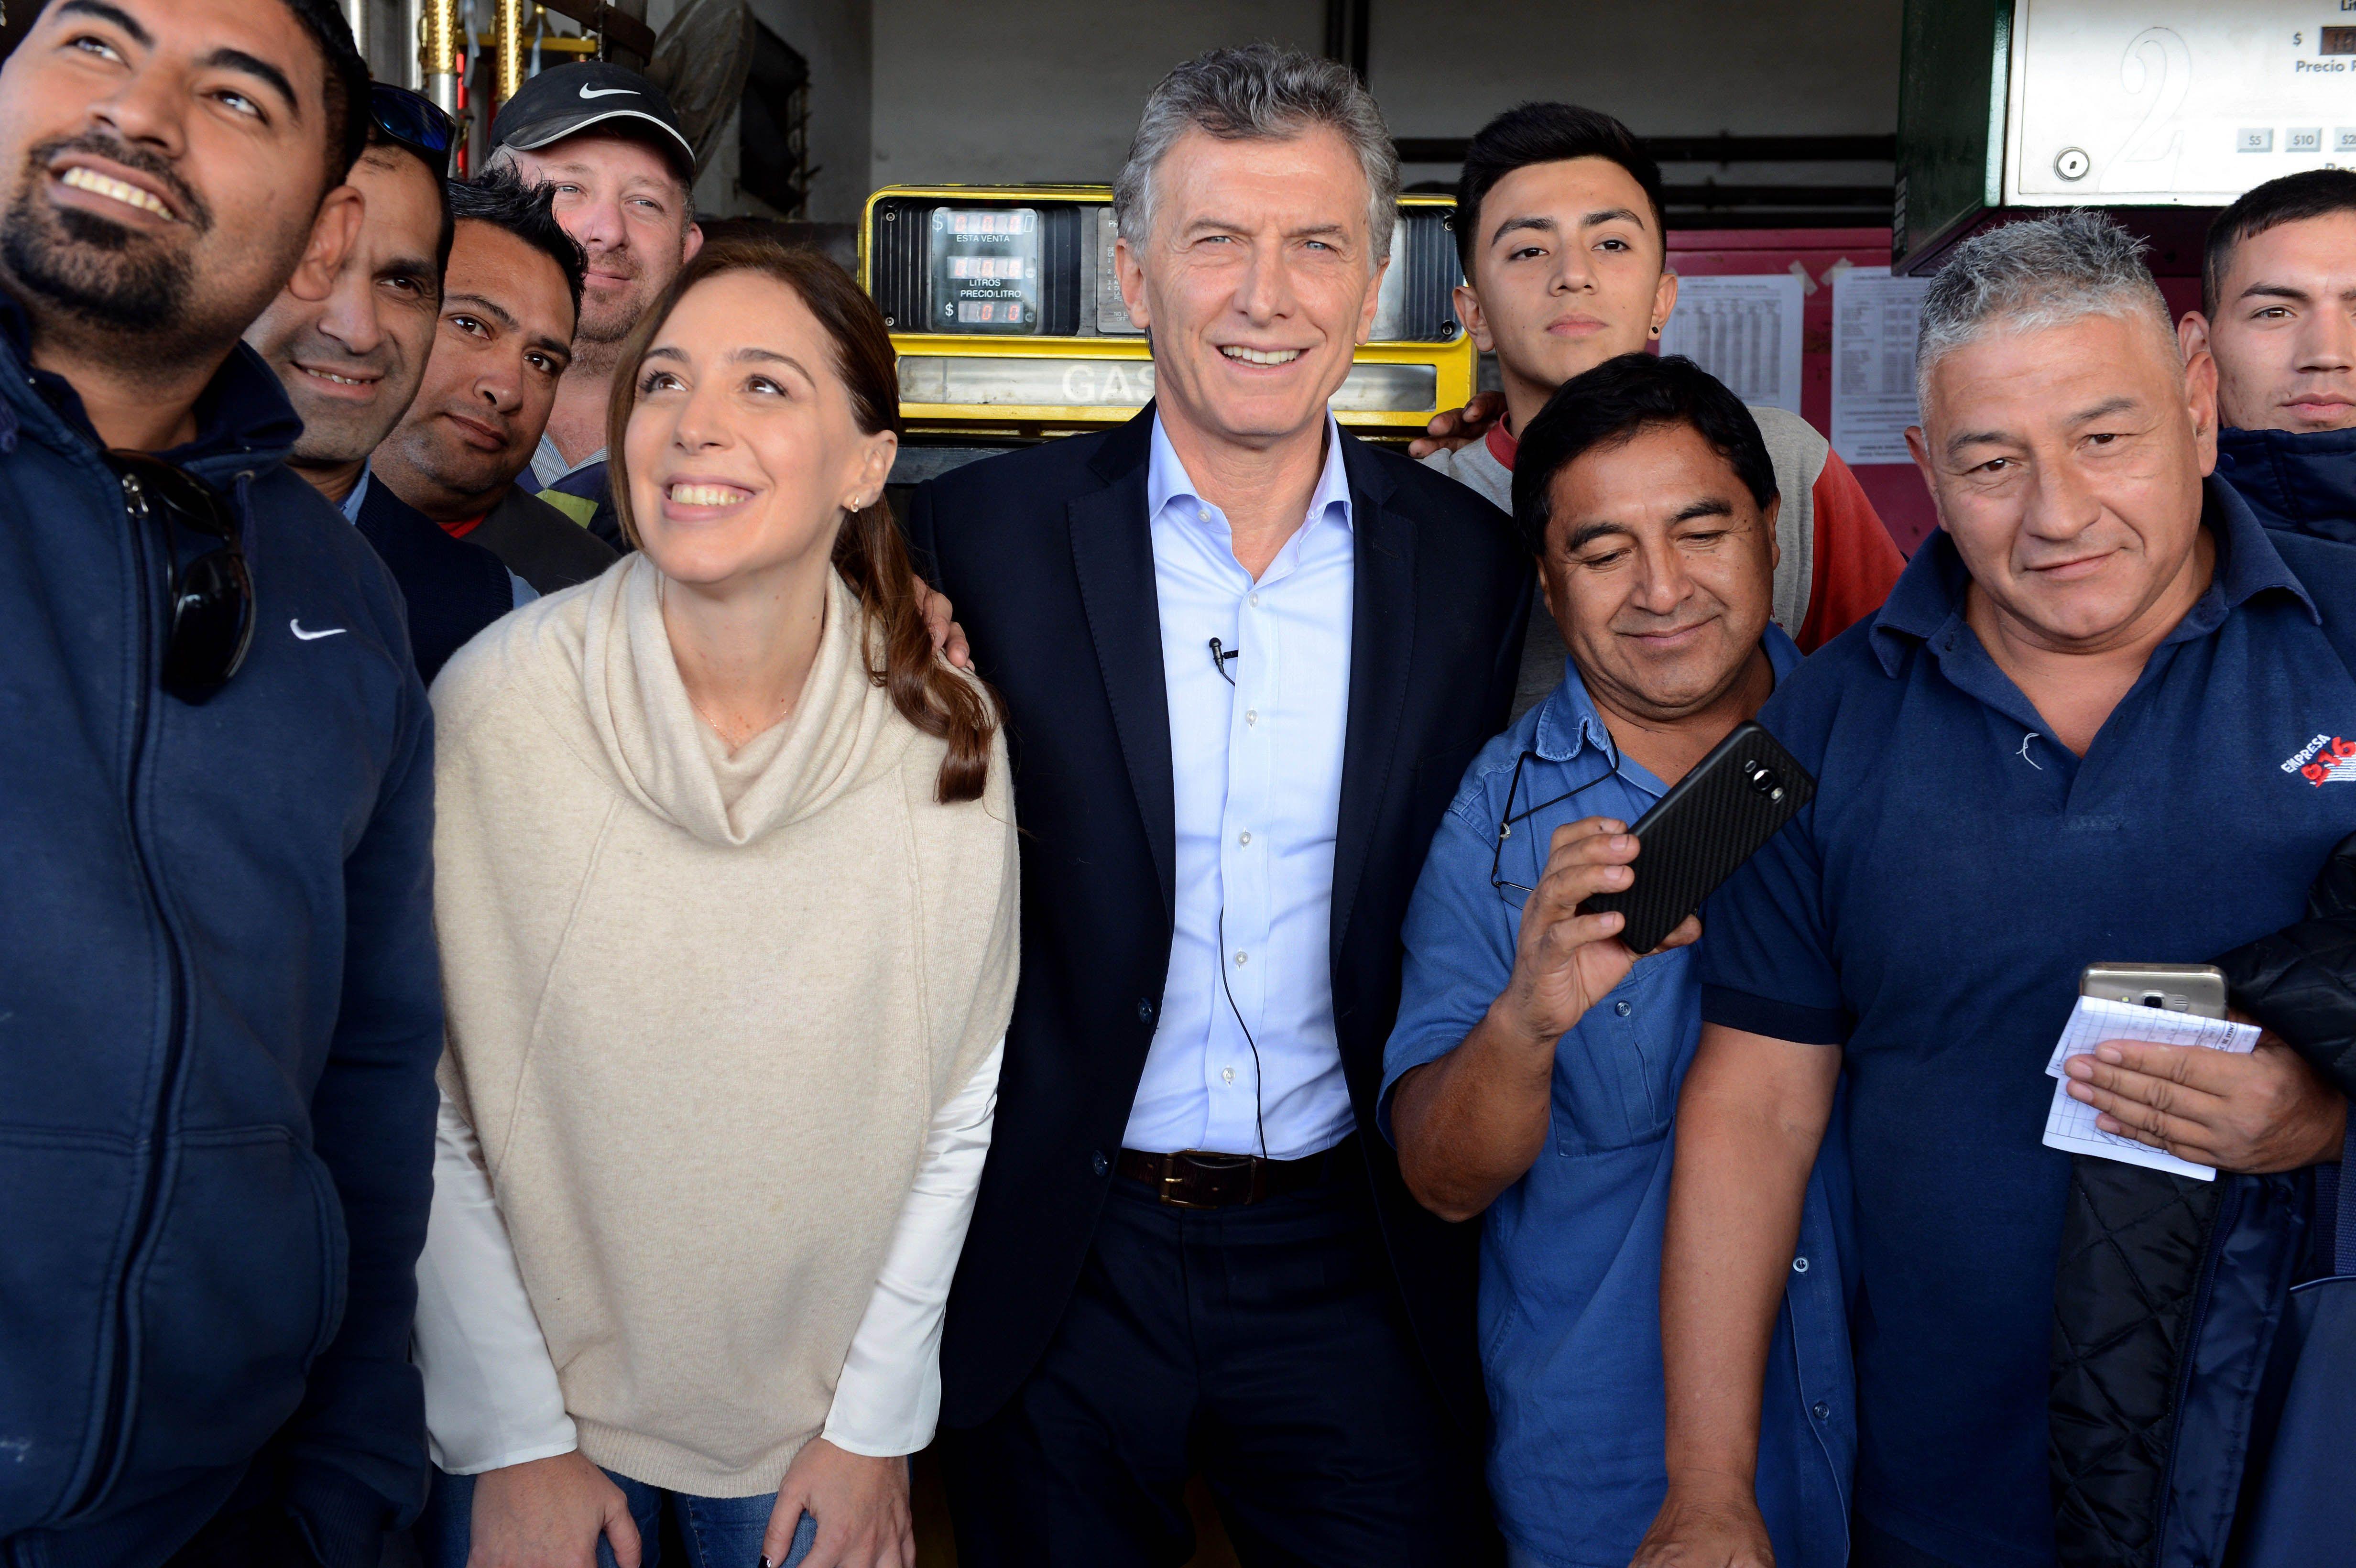 En medio de la crisis, Macri hizo un llamado a la oposición para construir acuerdos